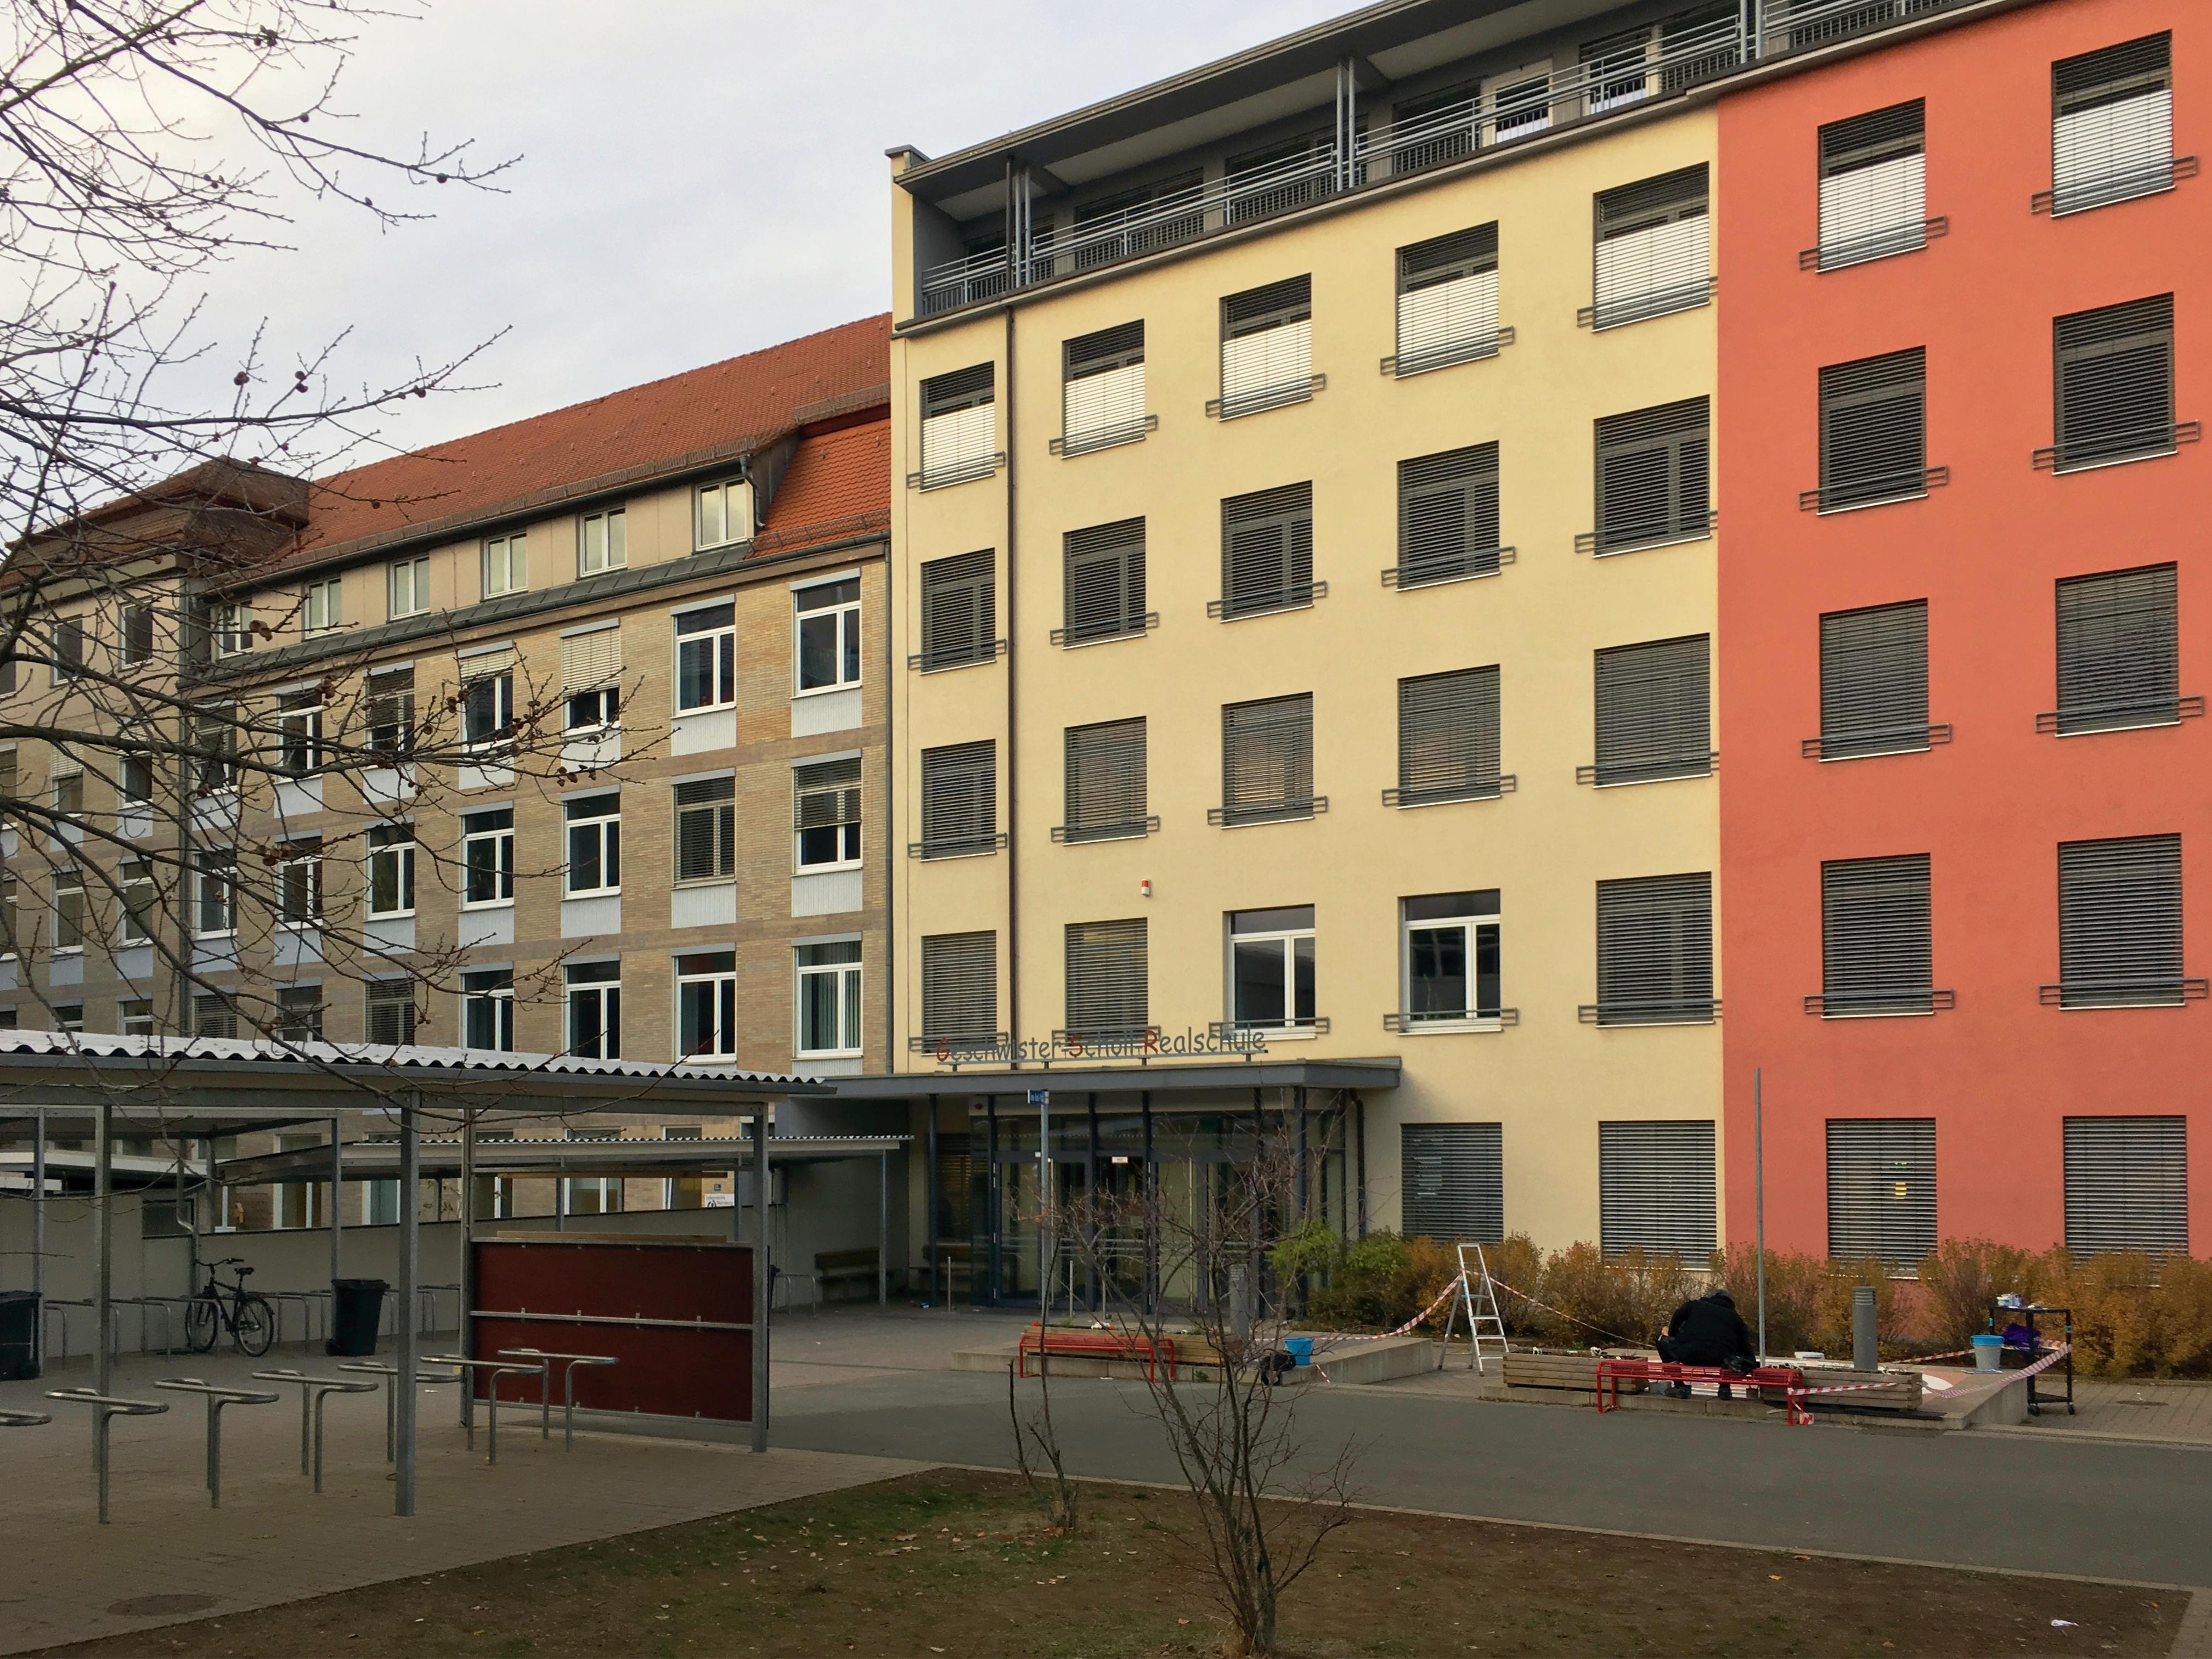 Geschwister Scholl Schule Nürnberg